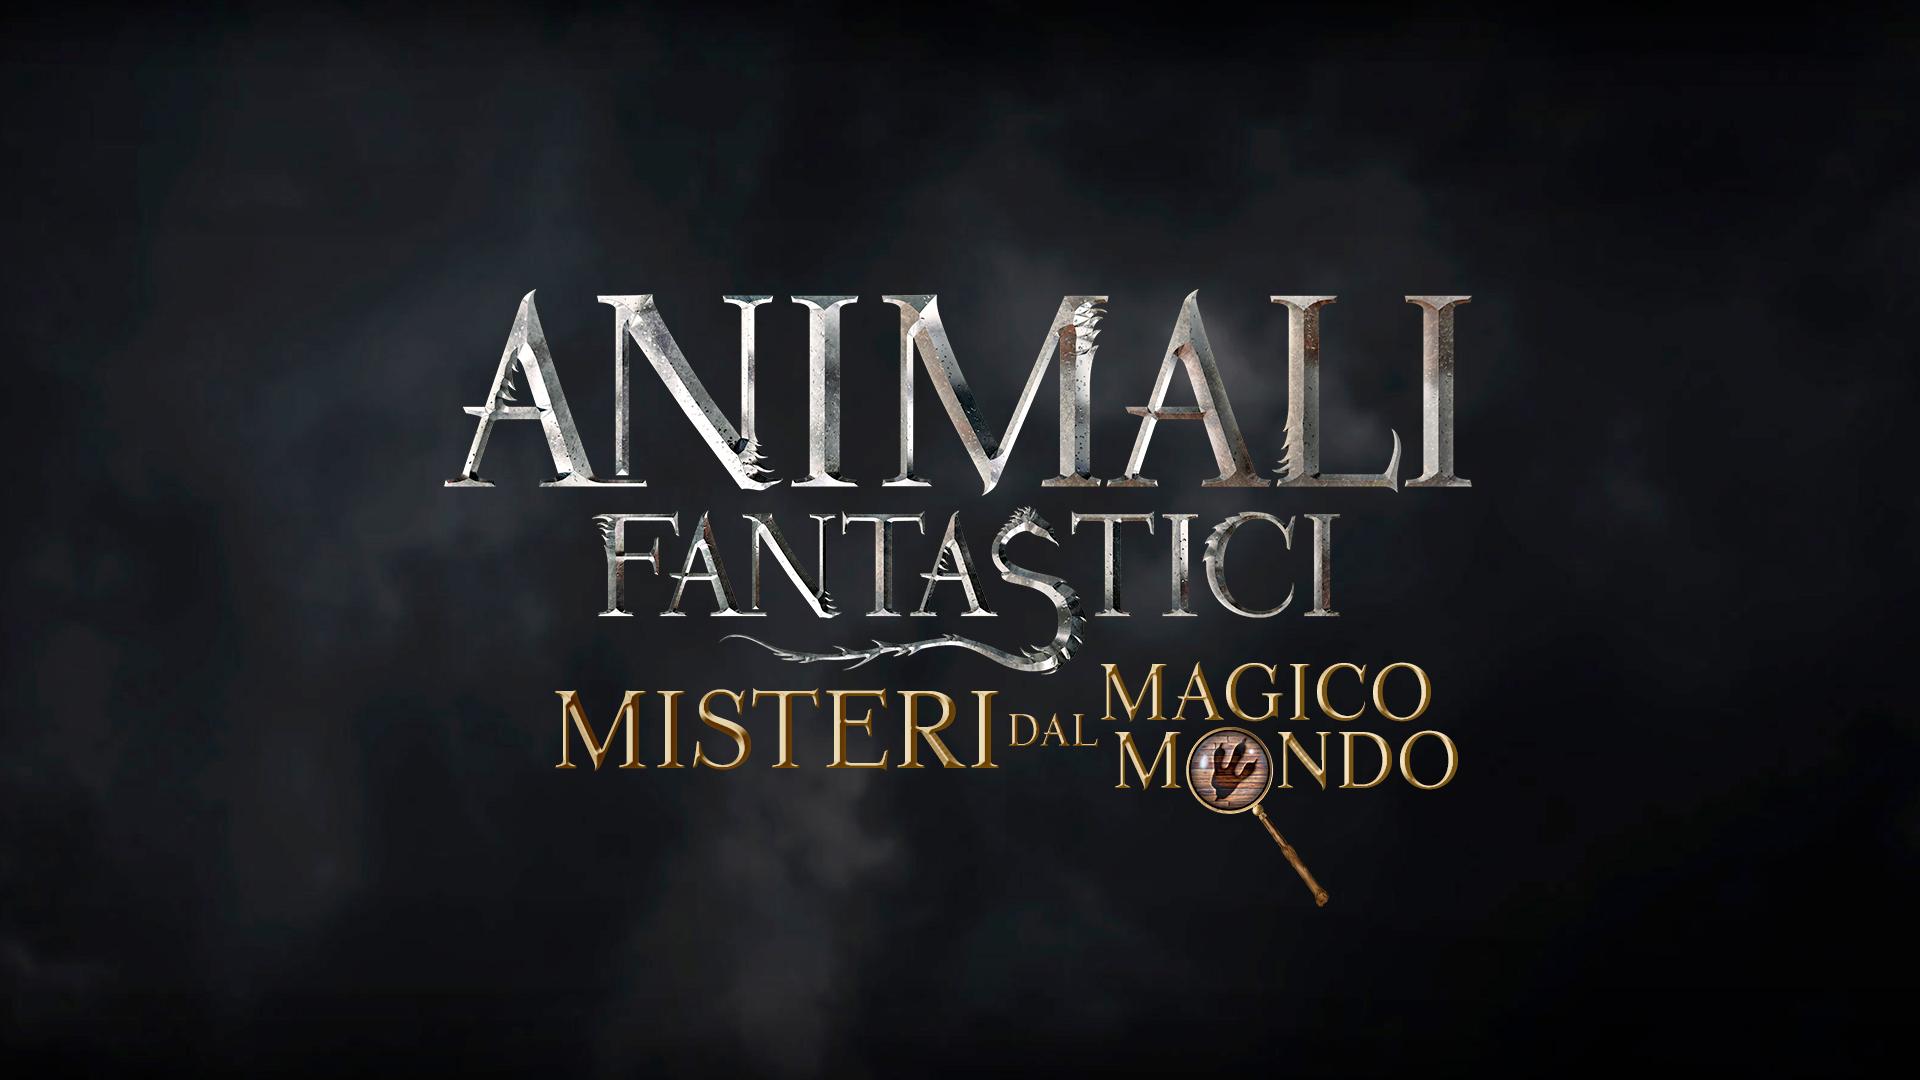 Animali Fantastici: disponibile per iPhone e Android